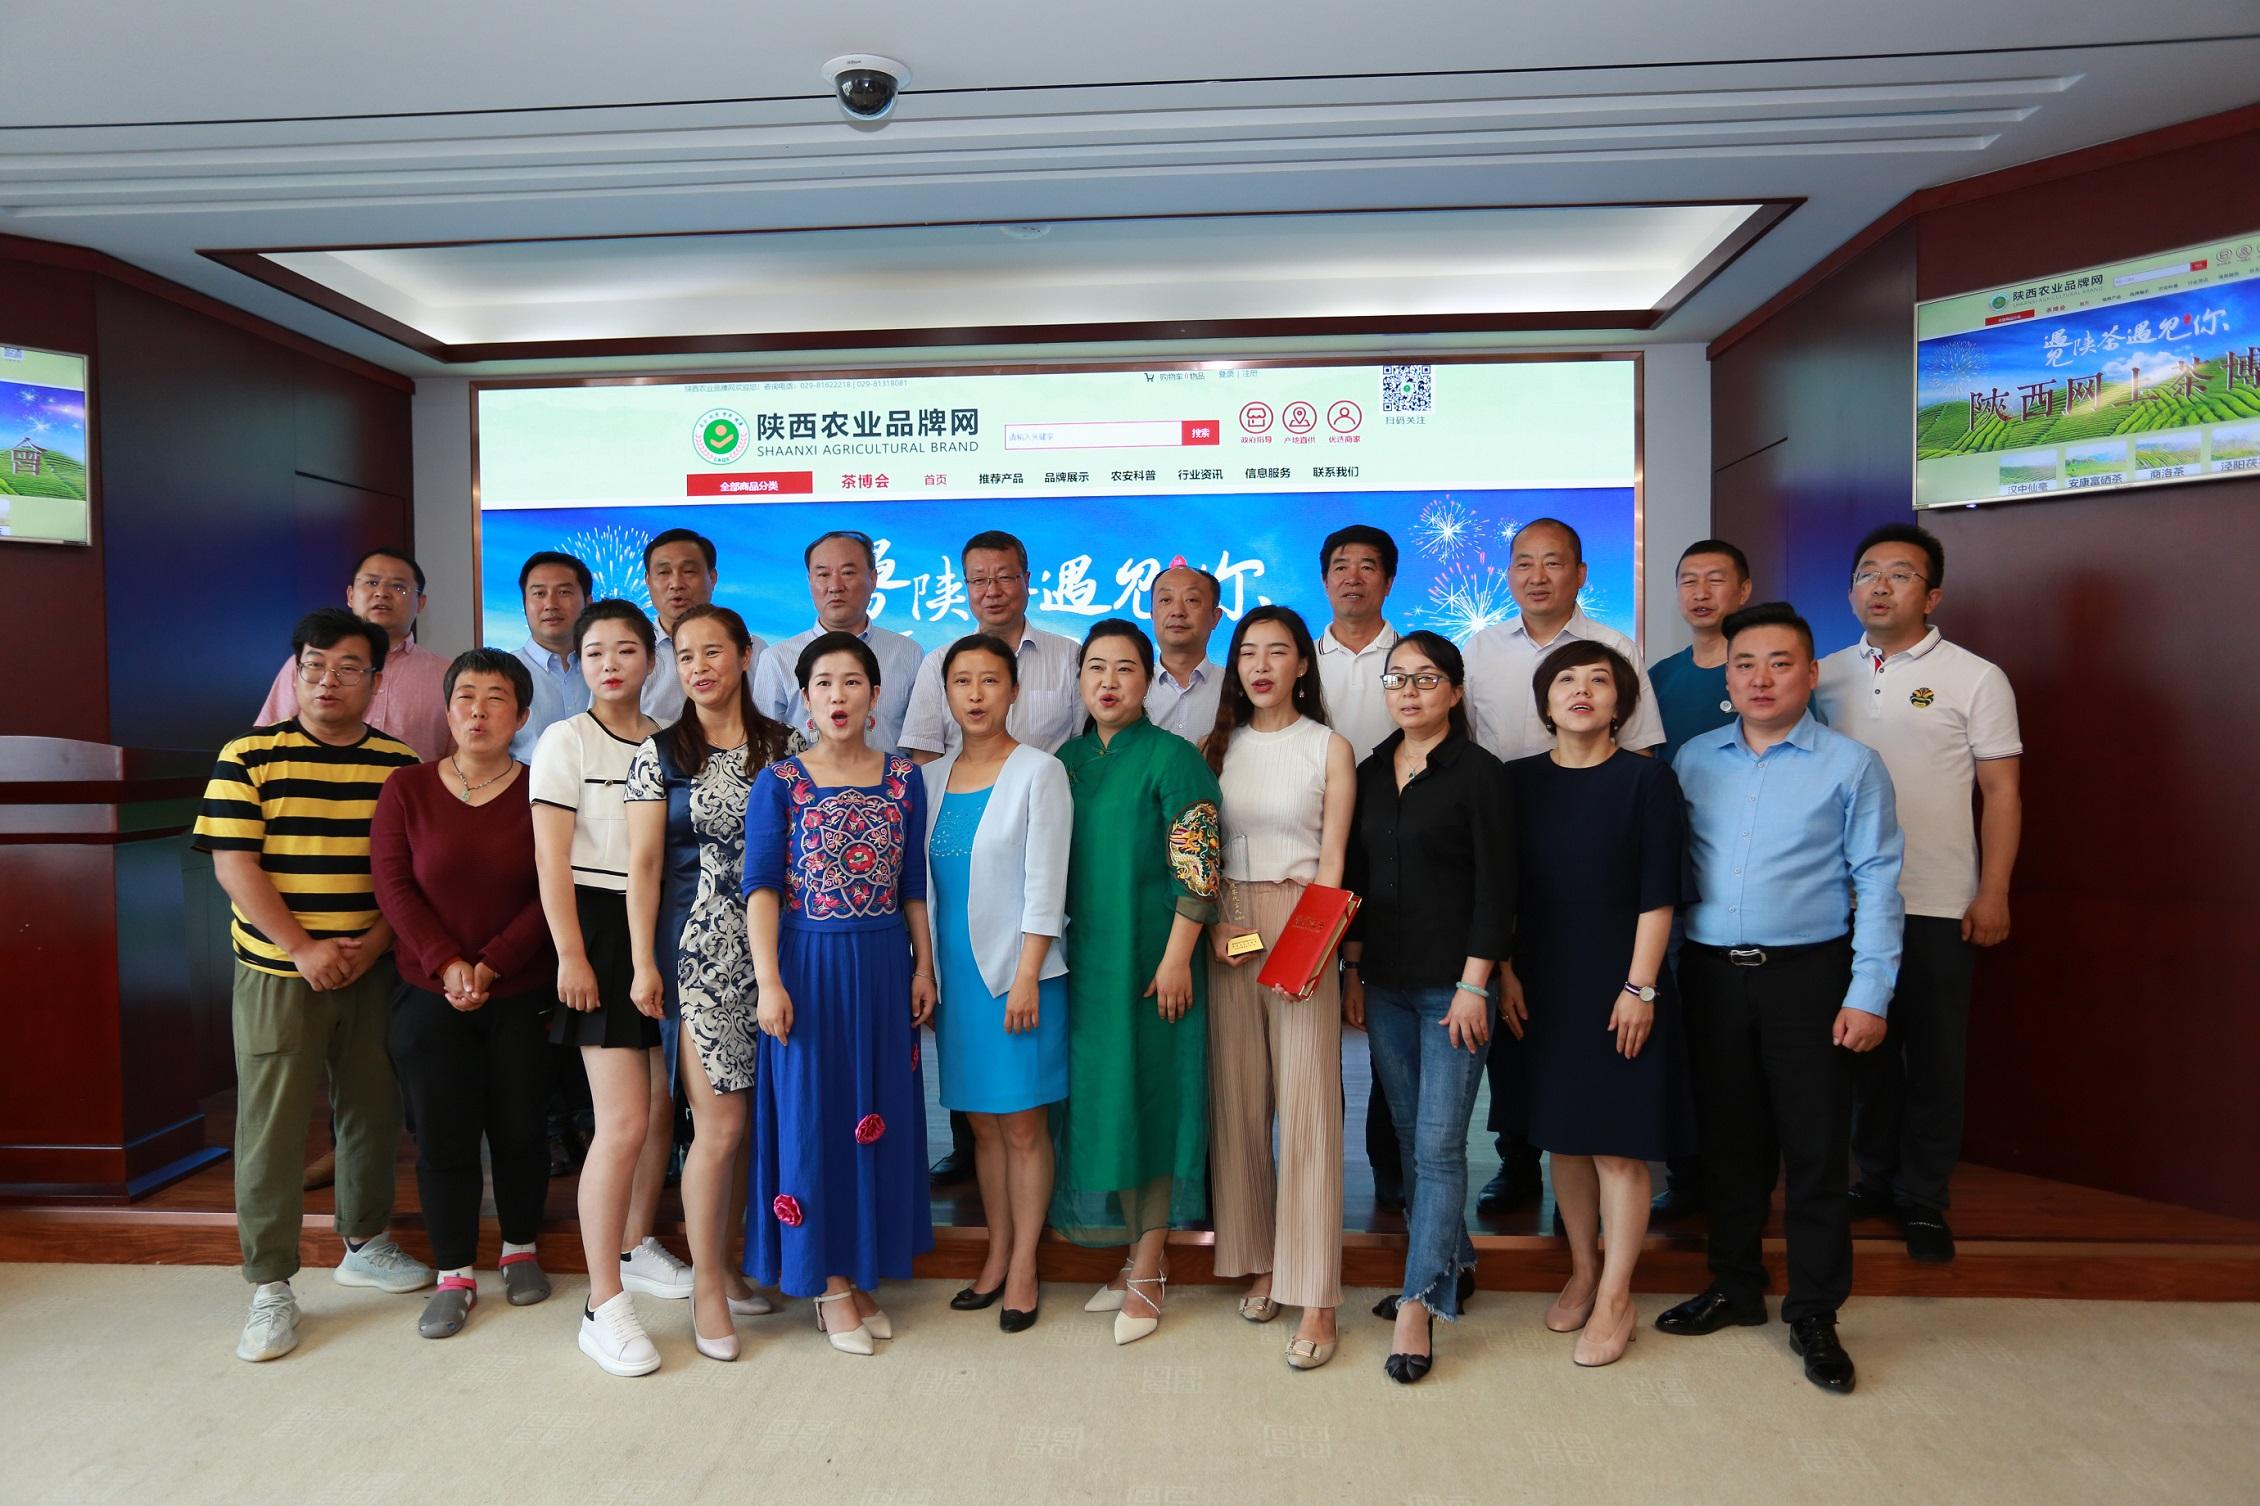 首届陕西网上茶博会521国际茶日主题活动